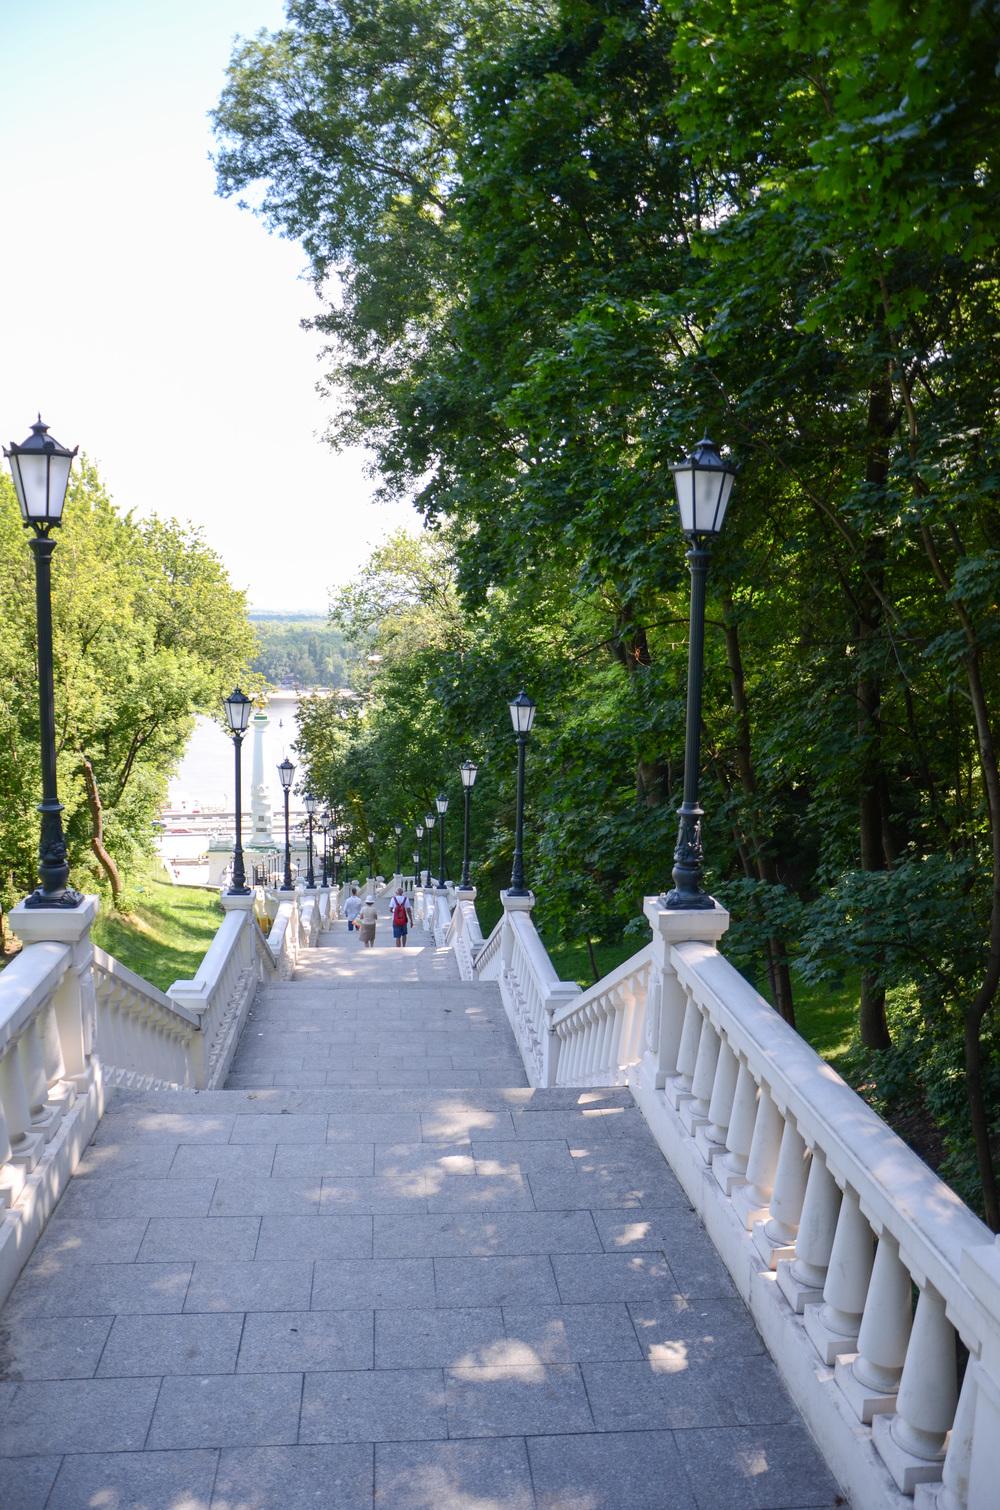 Київ, яким його бачать туристи з фотокарток та журналів.